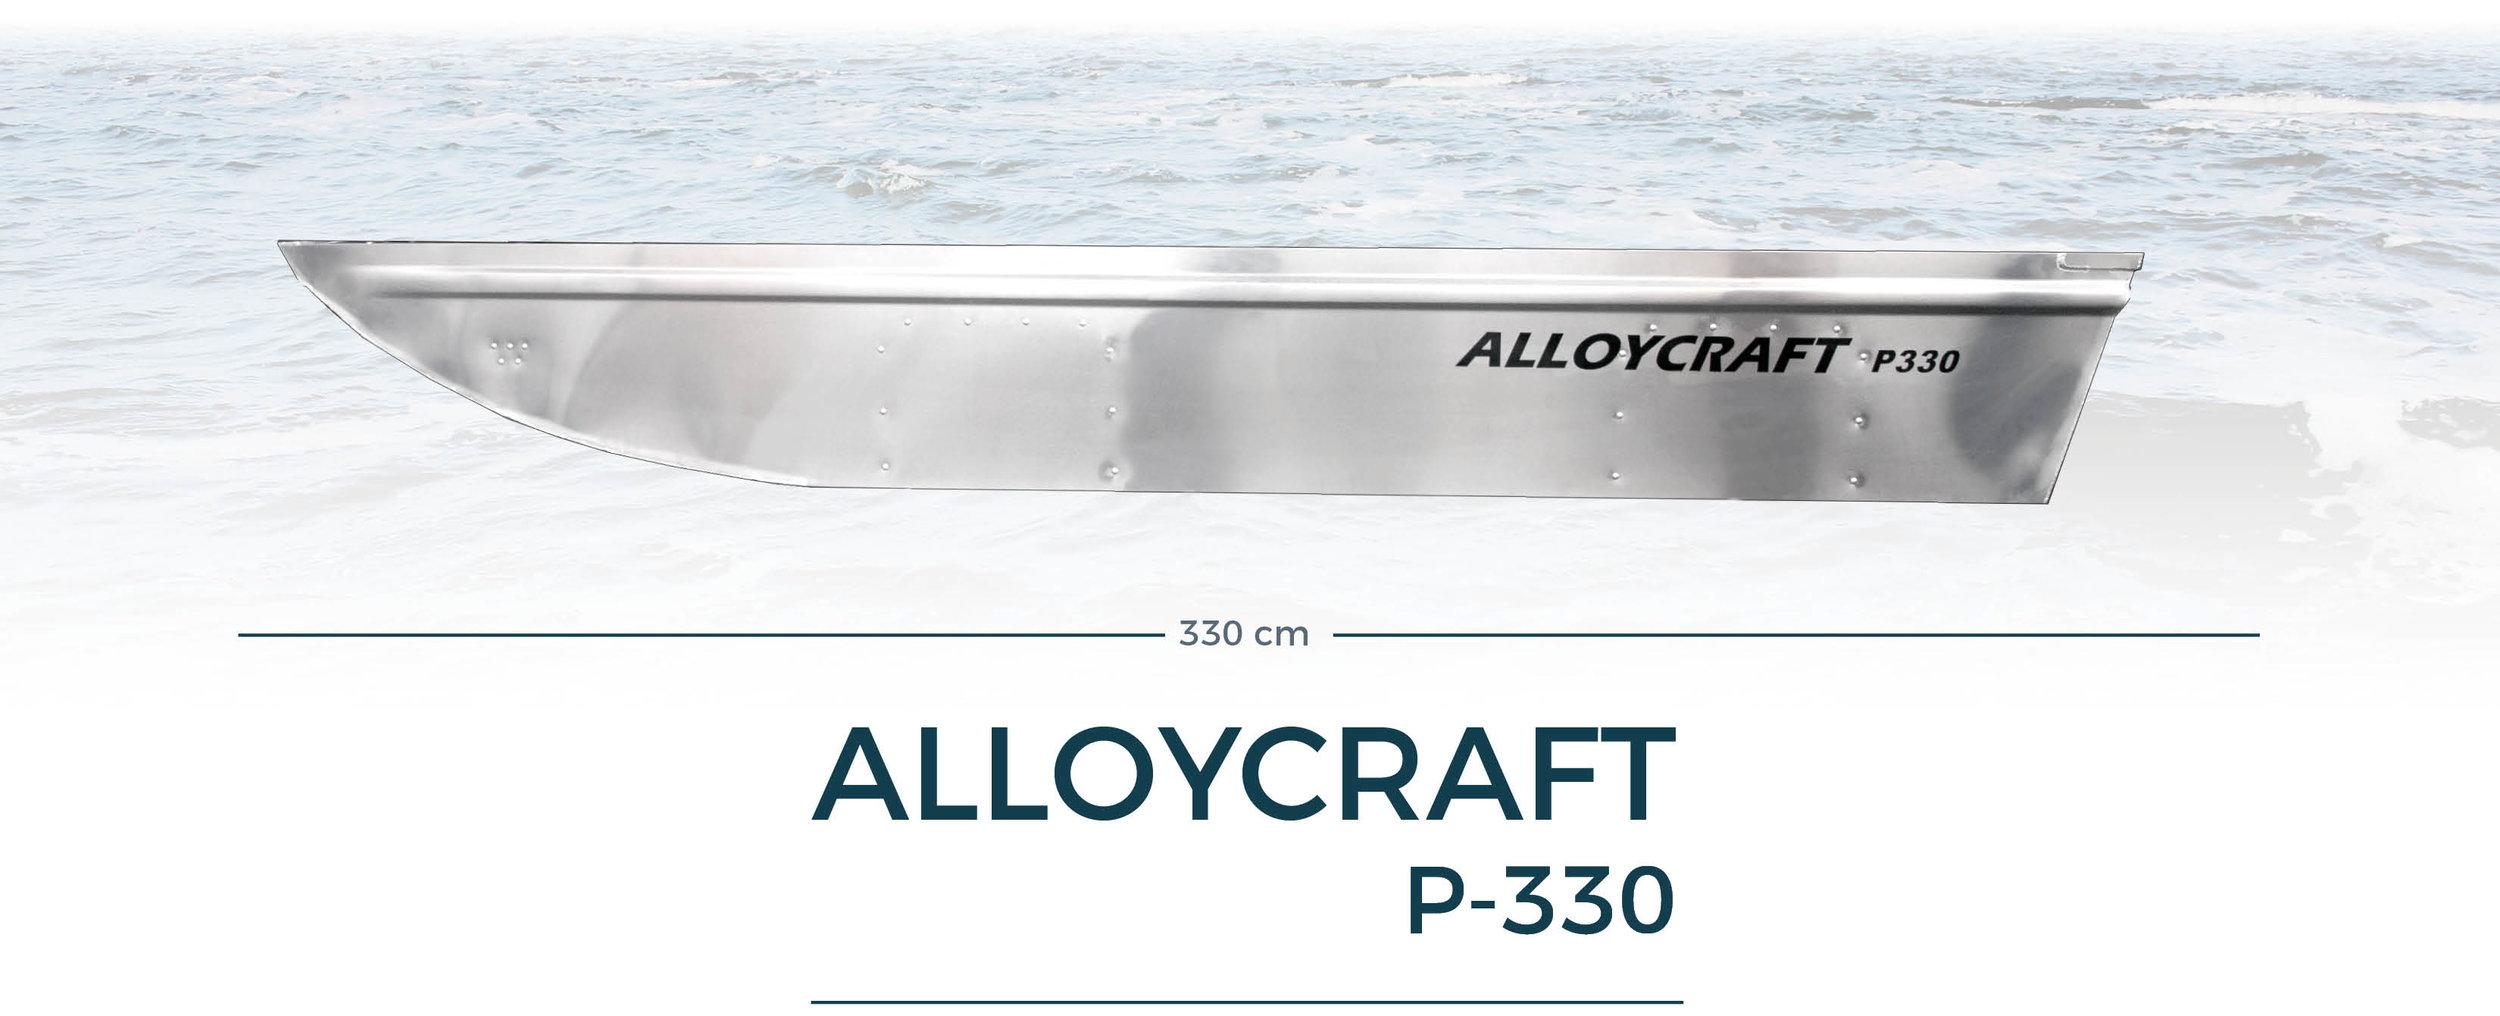 P-330 båtrubrik.jpg